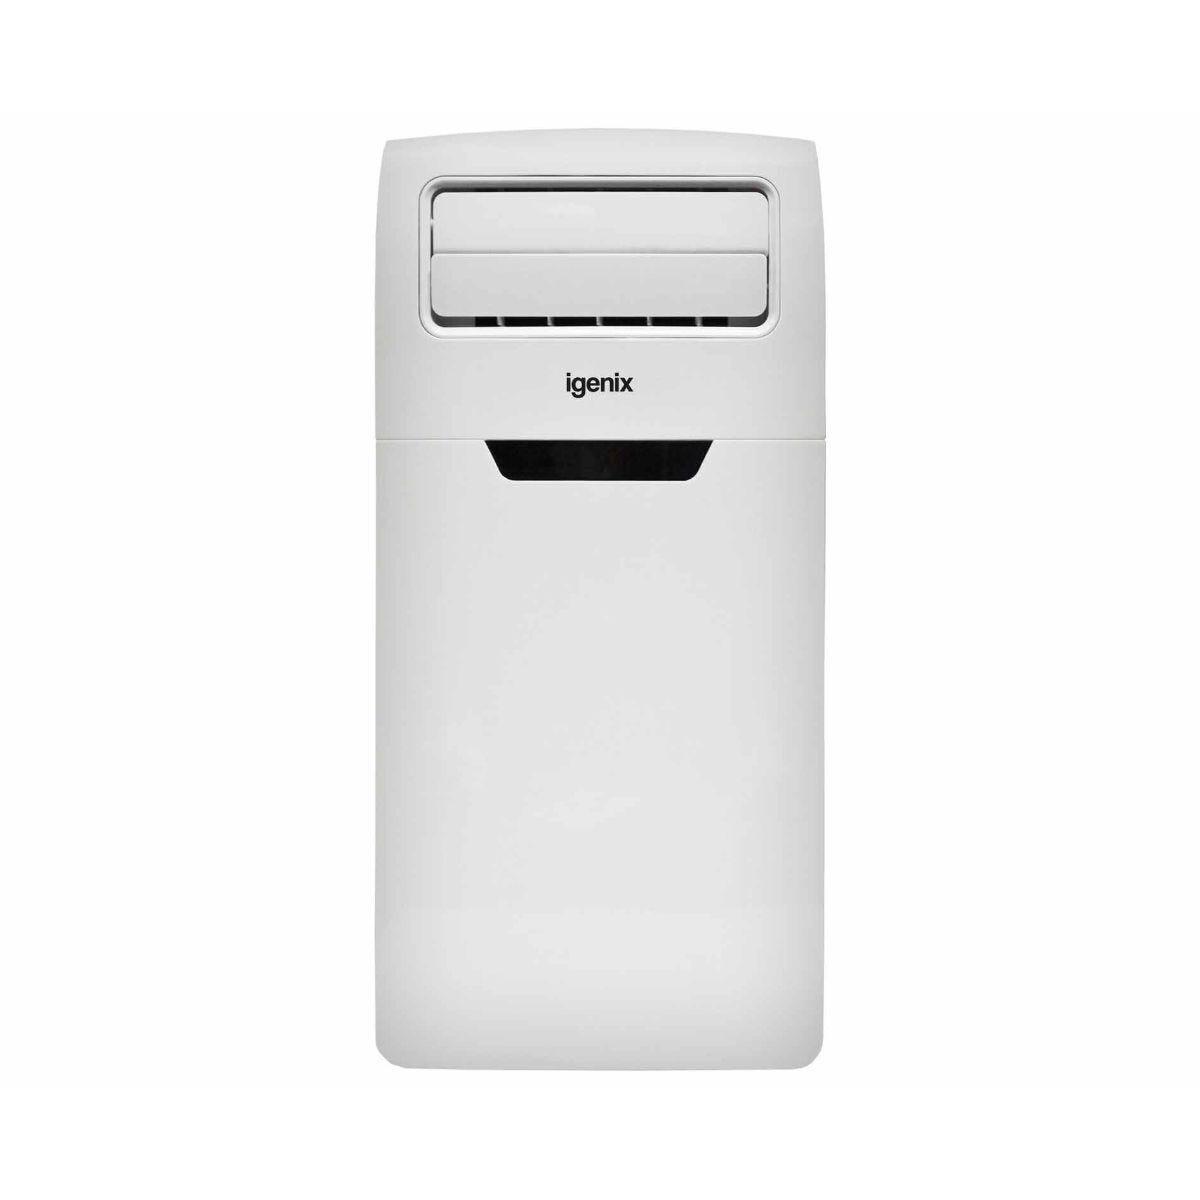 Igenix 11500BTU 4 in 1 Portable Air Conditioner